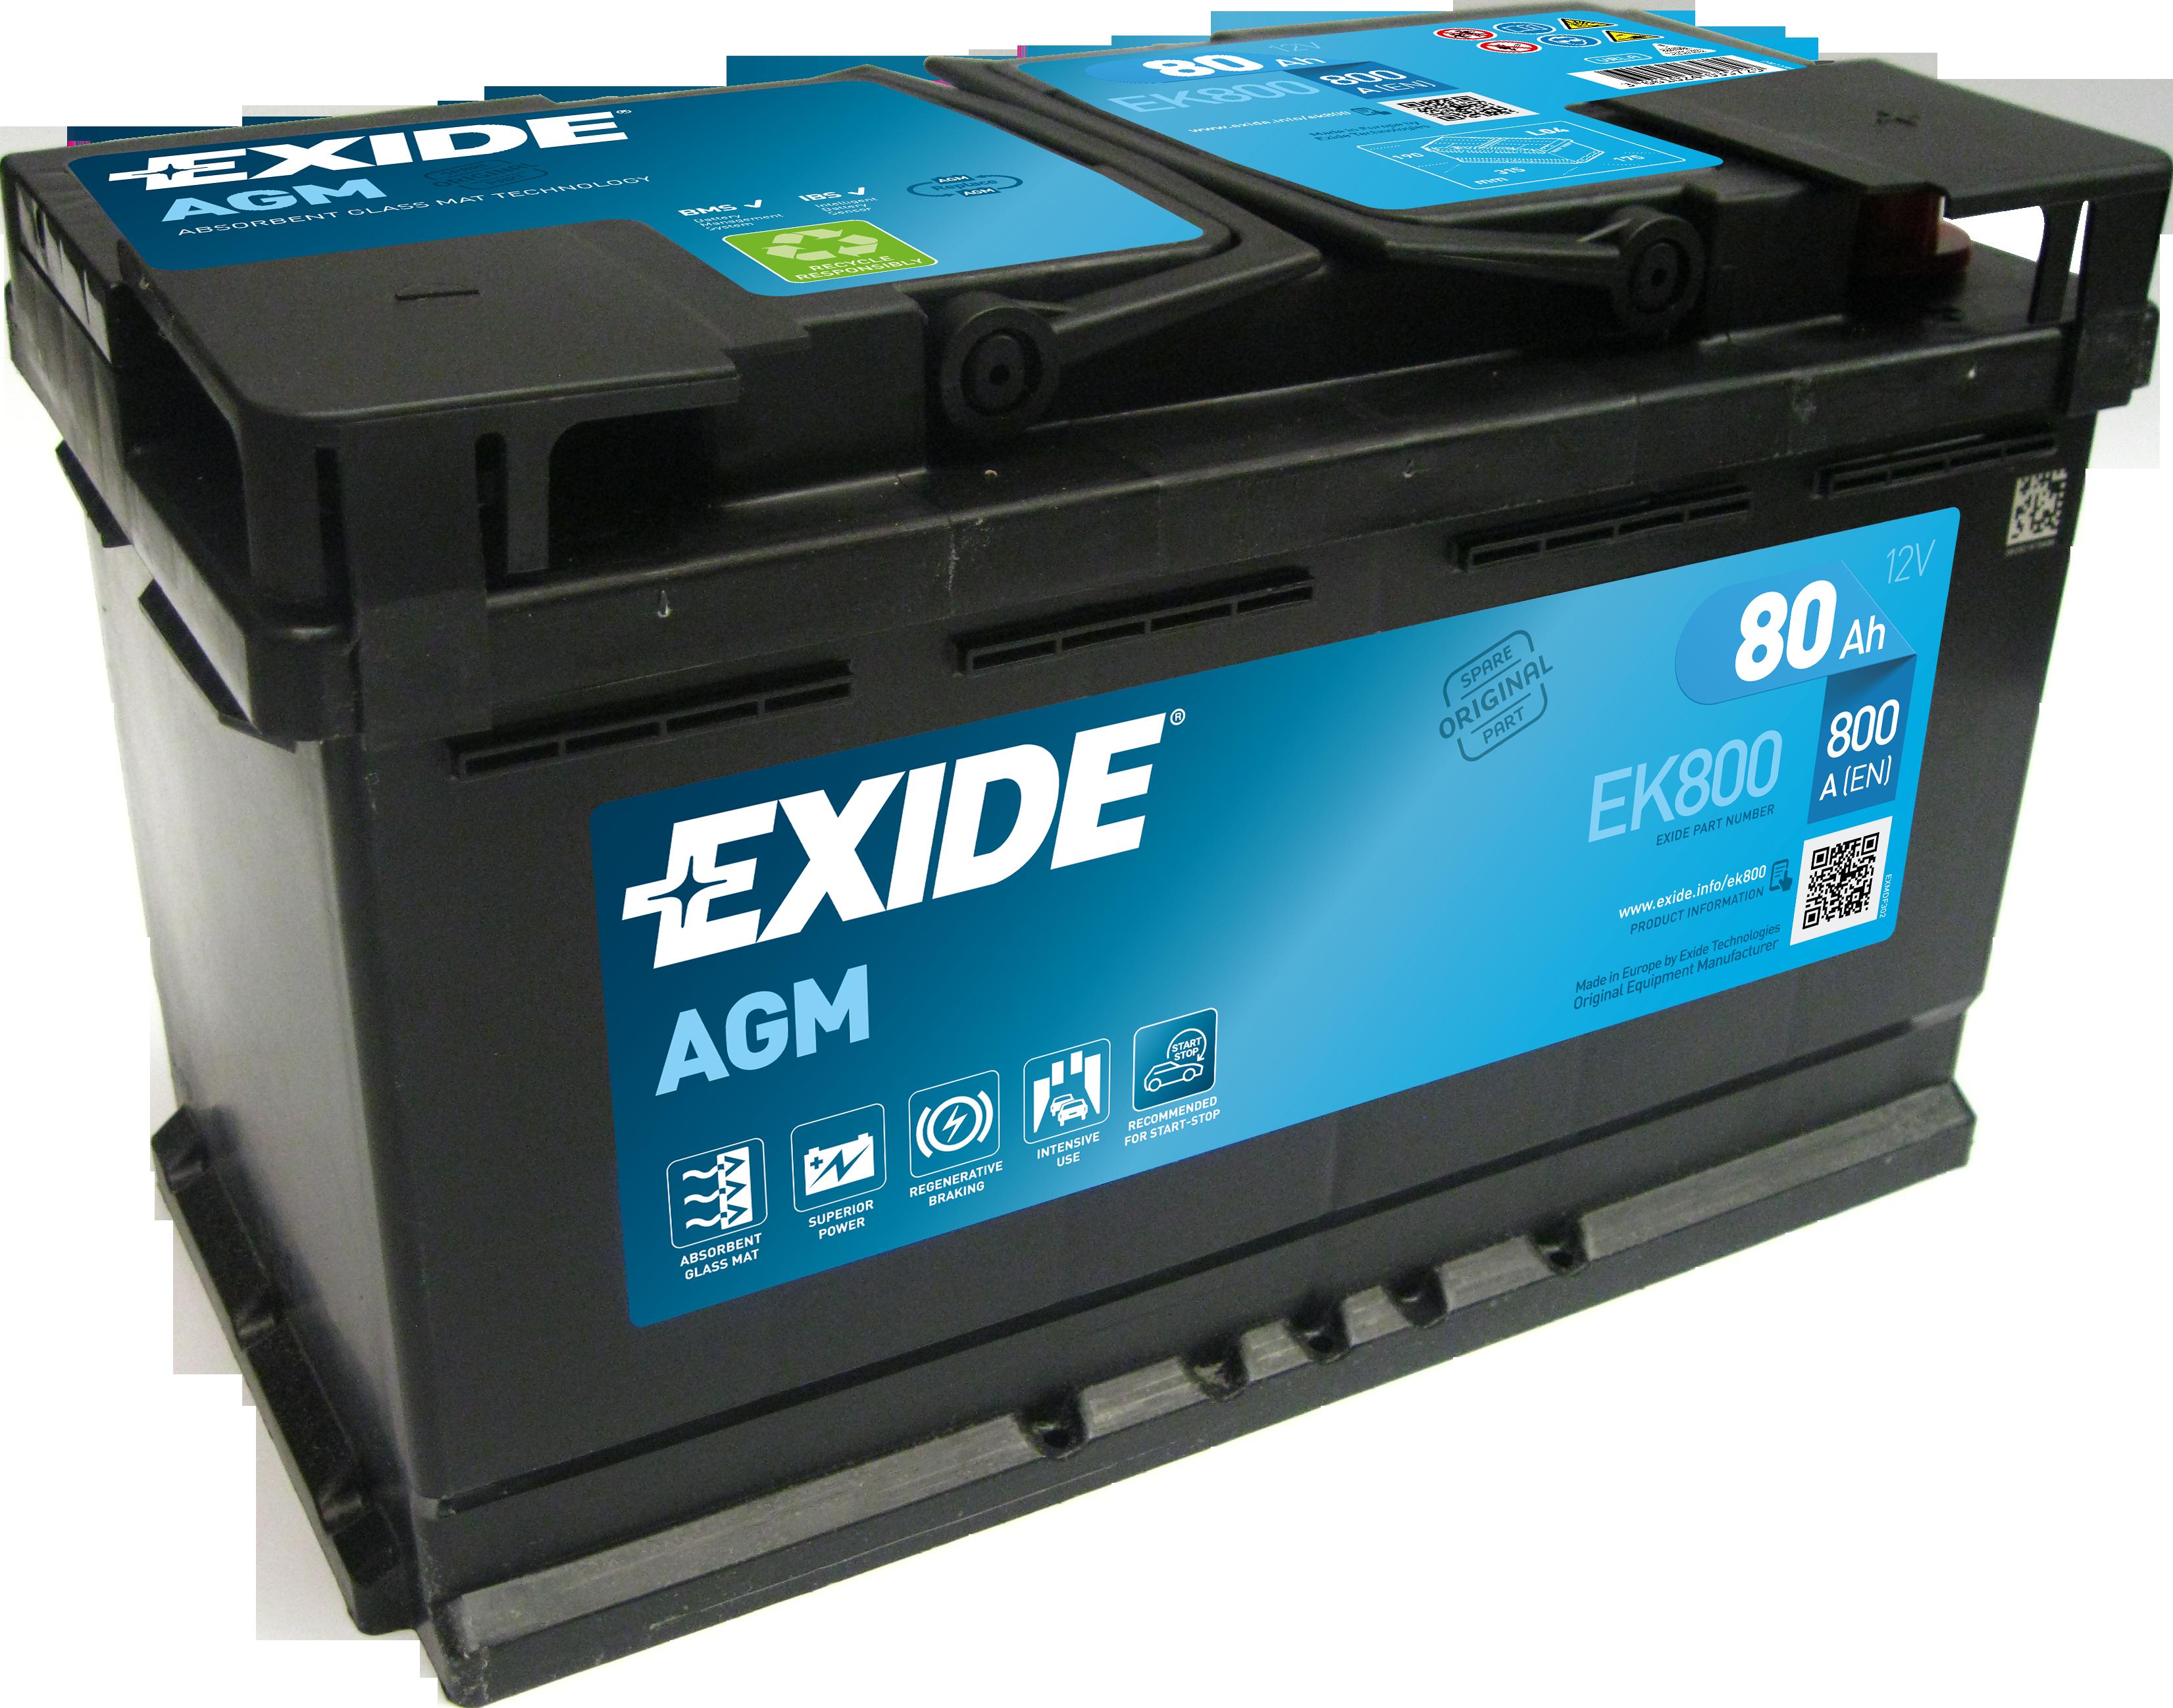 ek800-exide-agm-start-stop